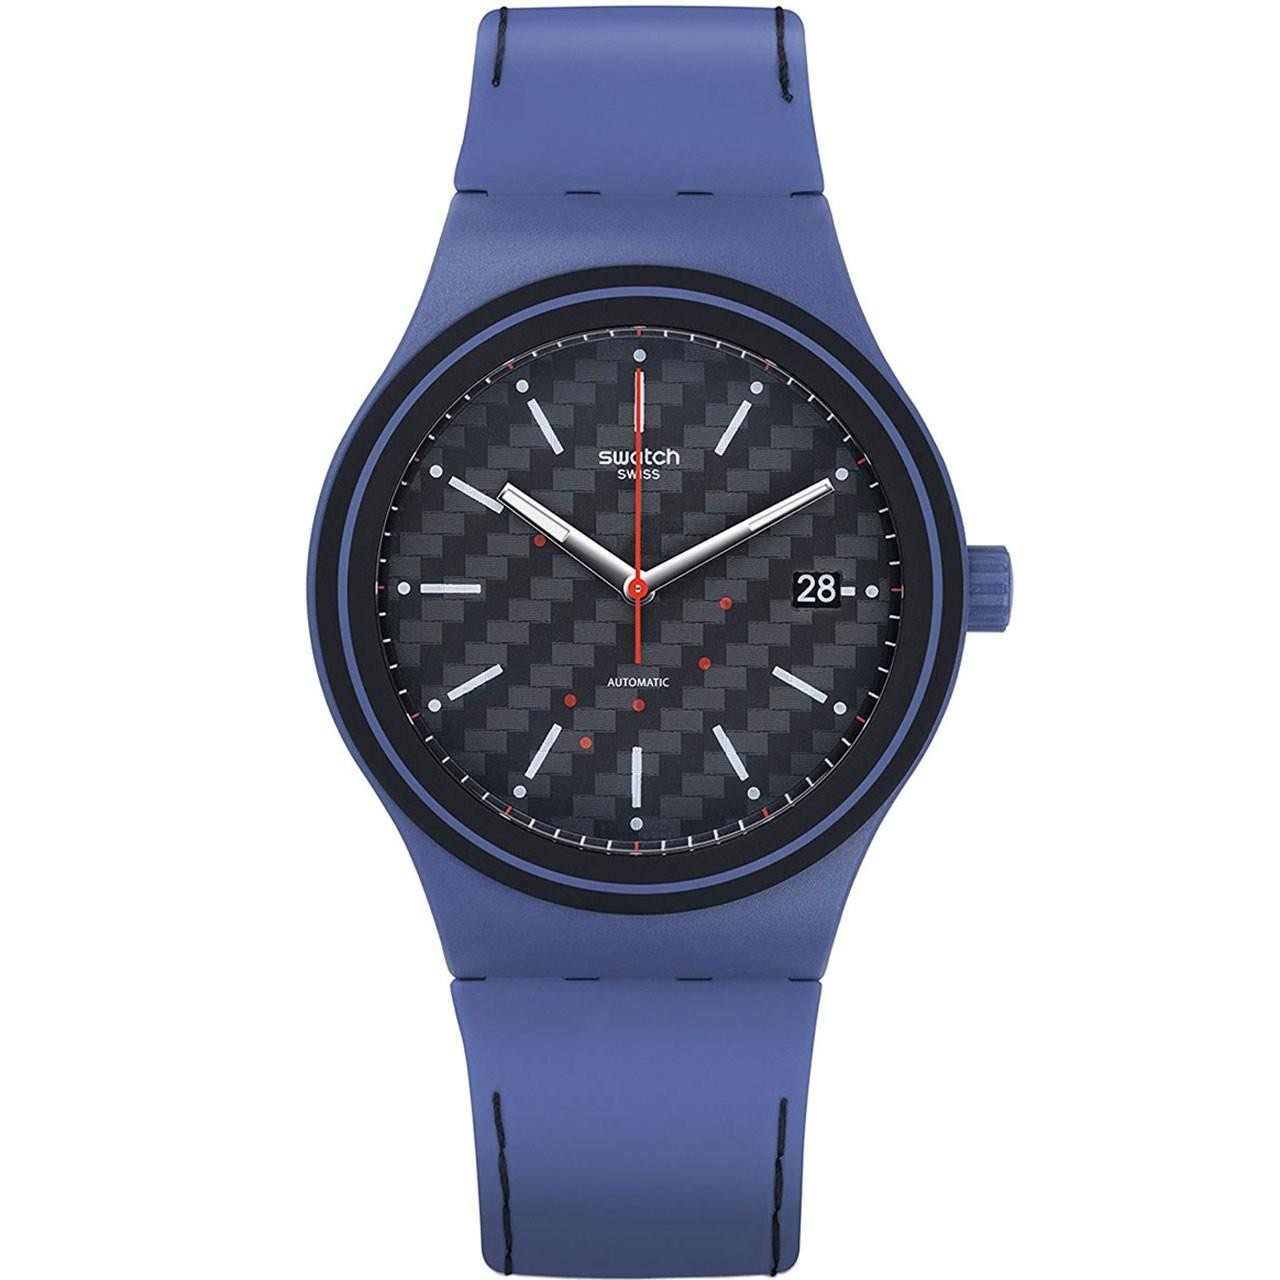 ساعت مچی عقربه ای مردانه سواچ مدل SUTN402 50